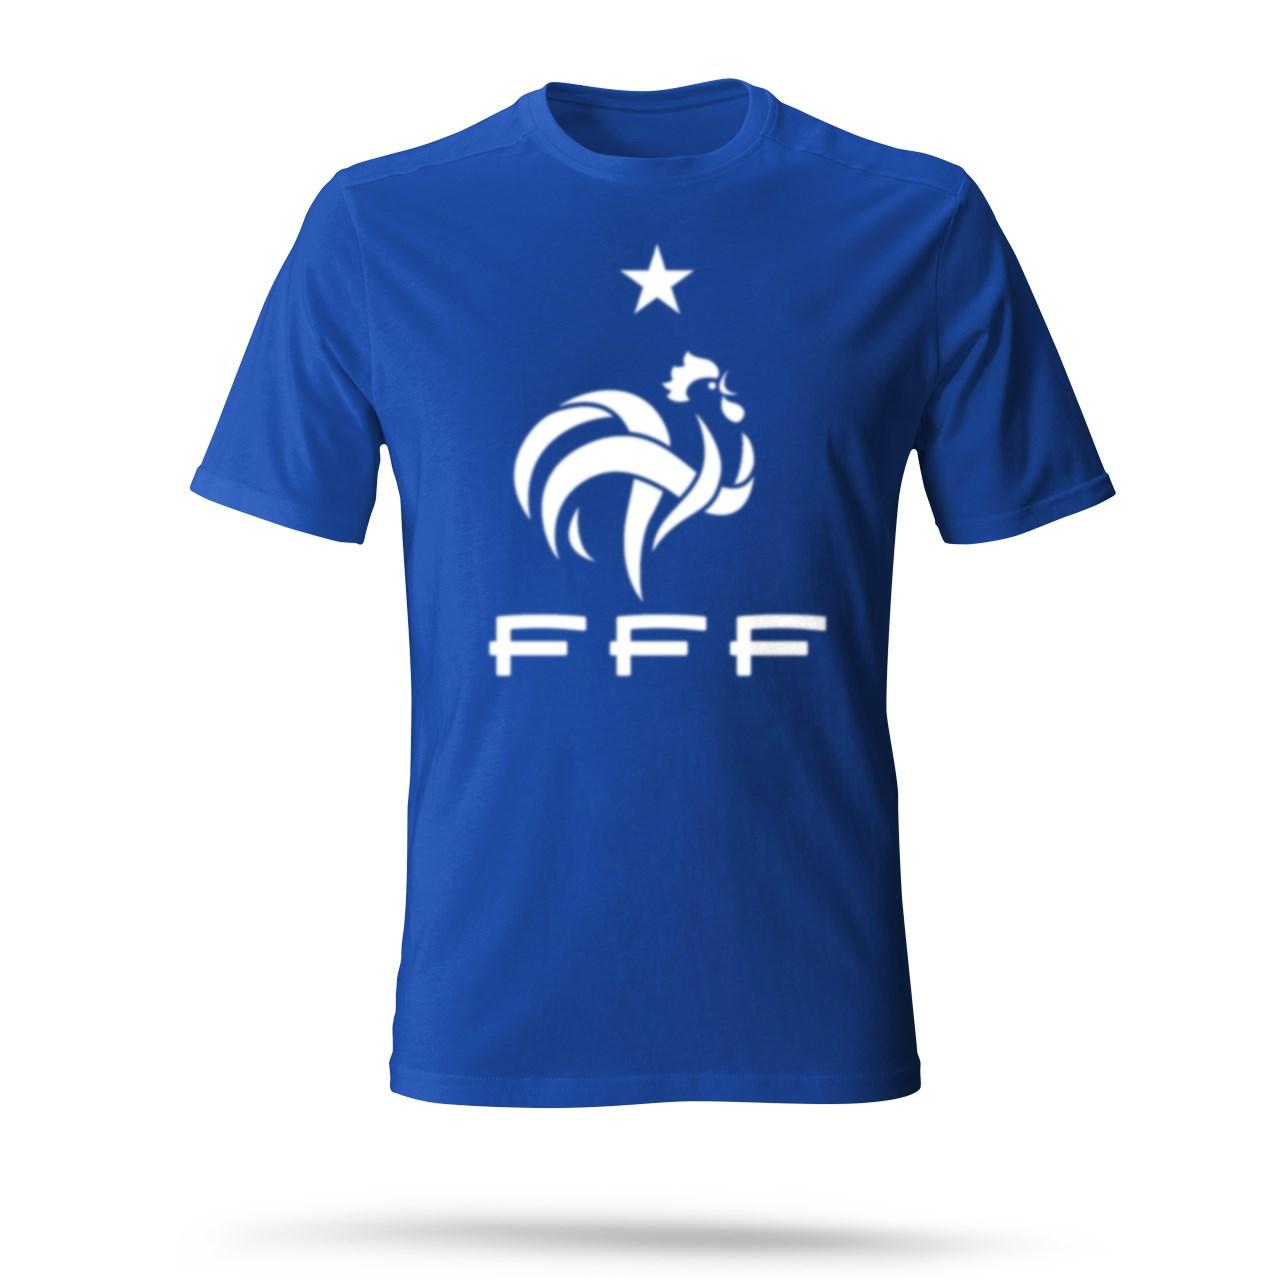 تی شرت مردانه طرح فرانسه رنگ آبی